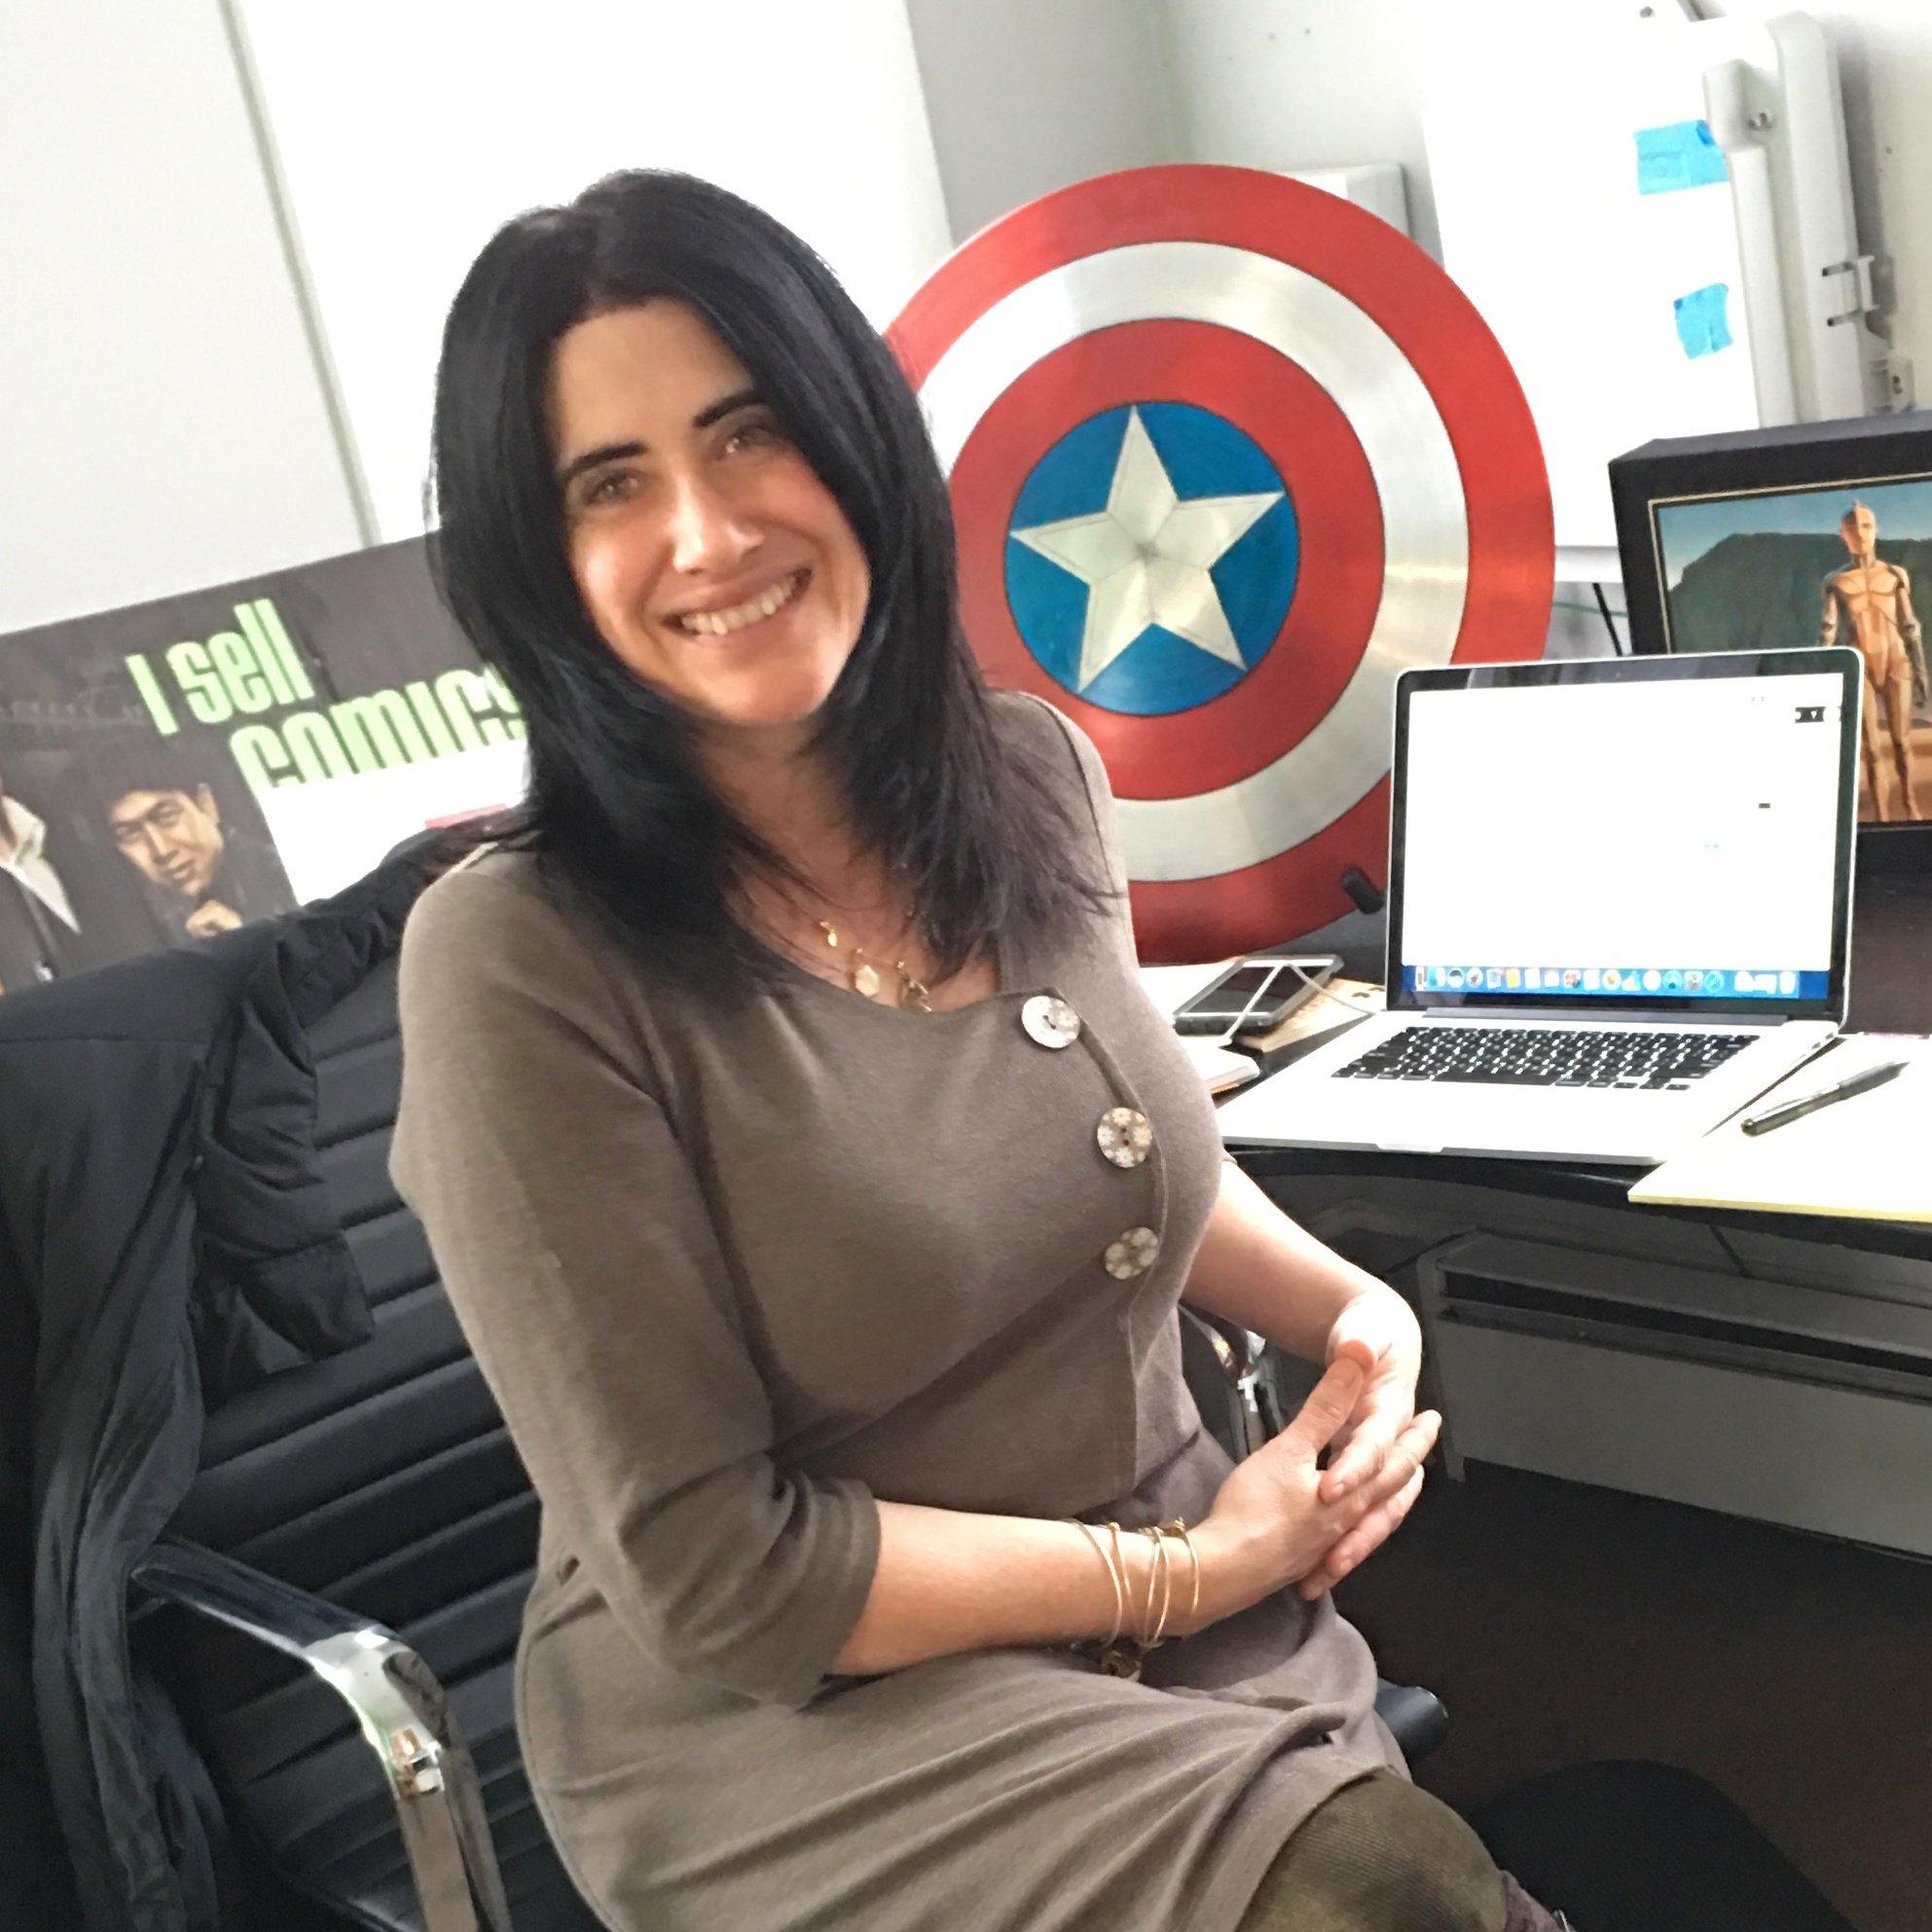 JuliaZ-Captain-America-v1.jpg